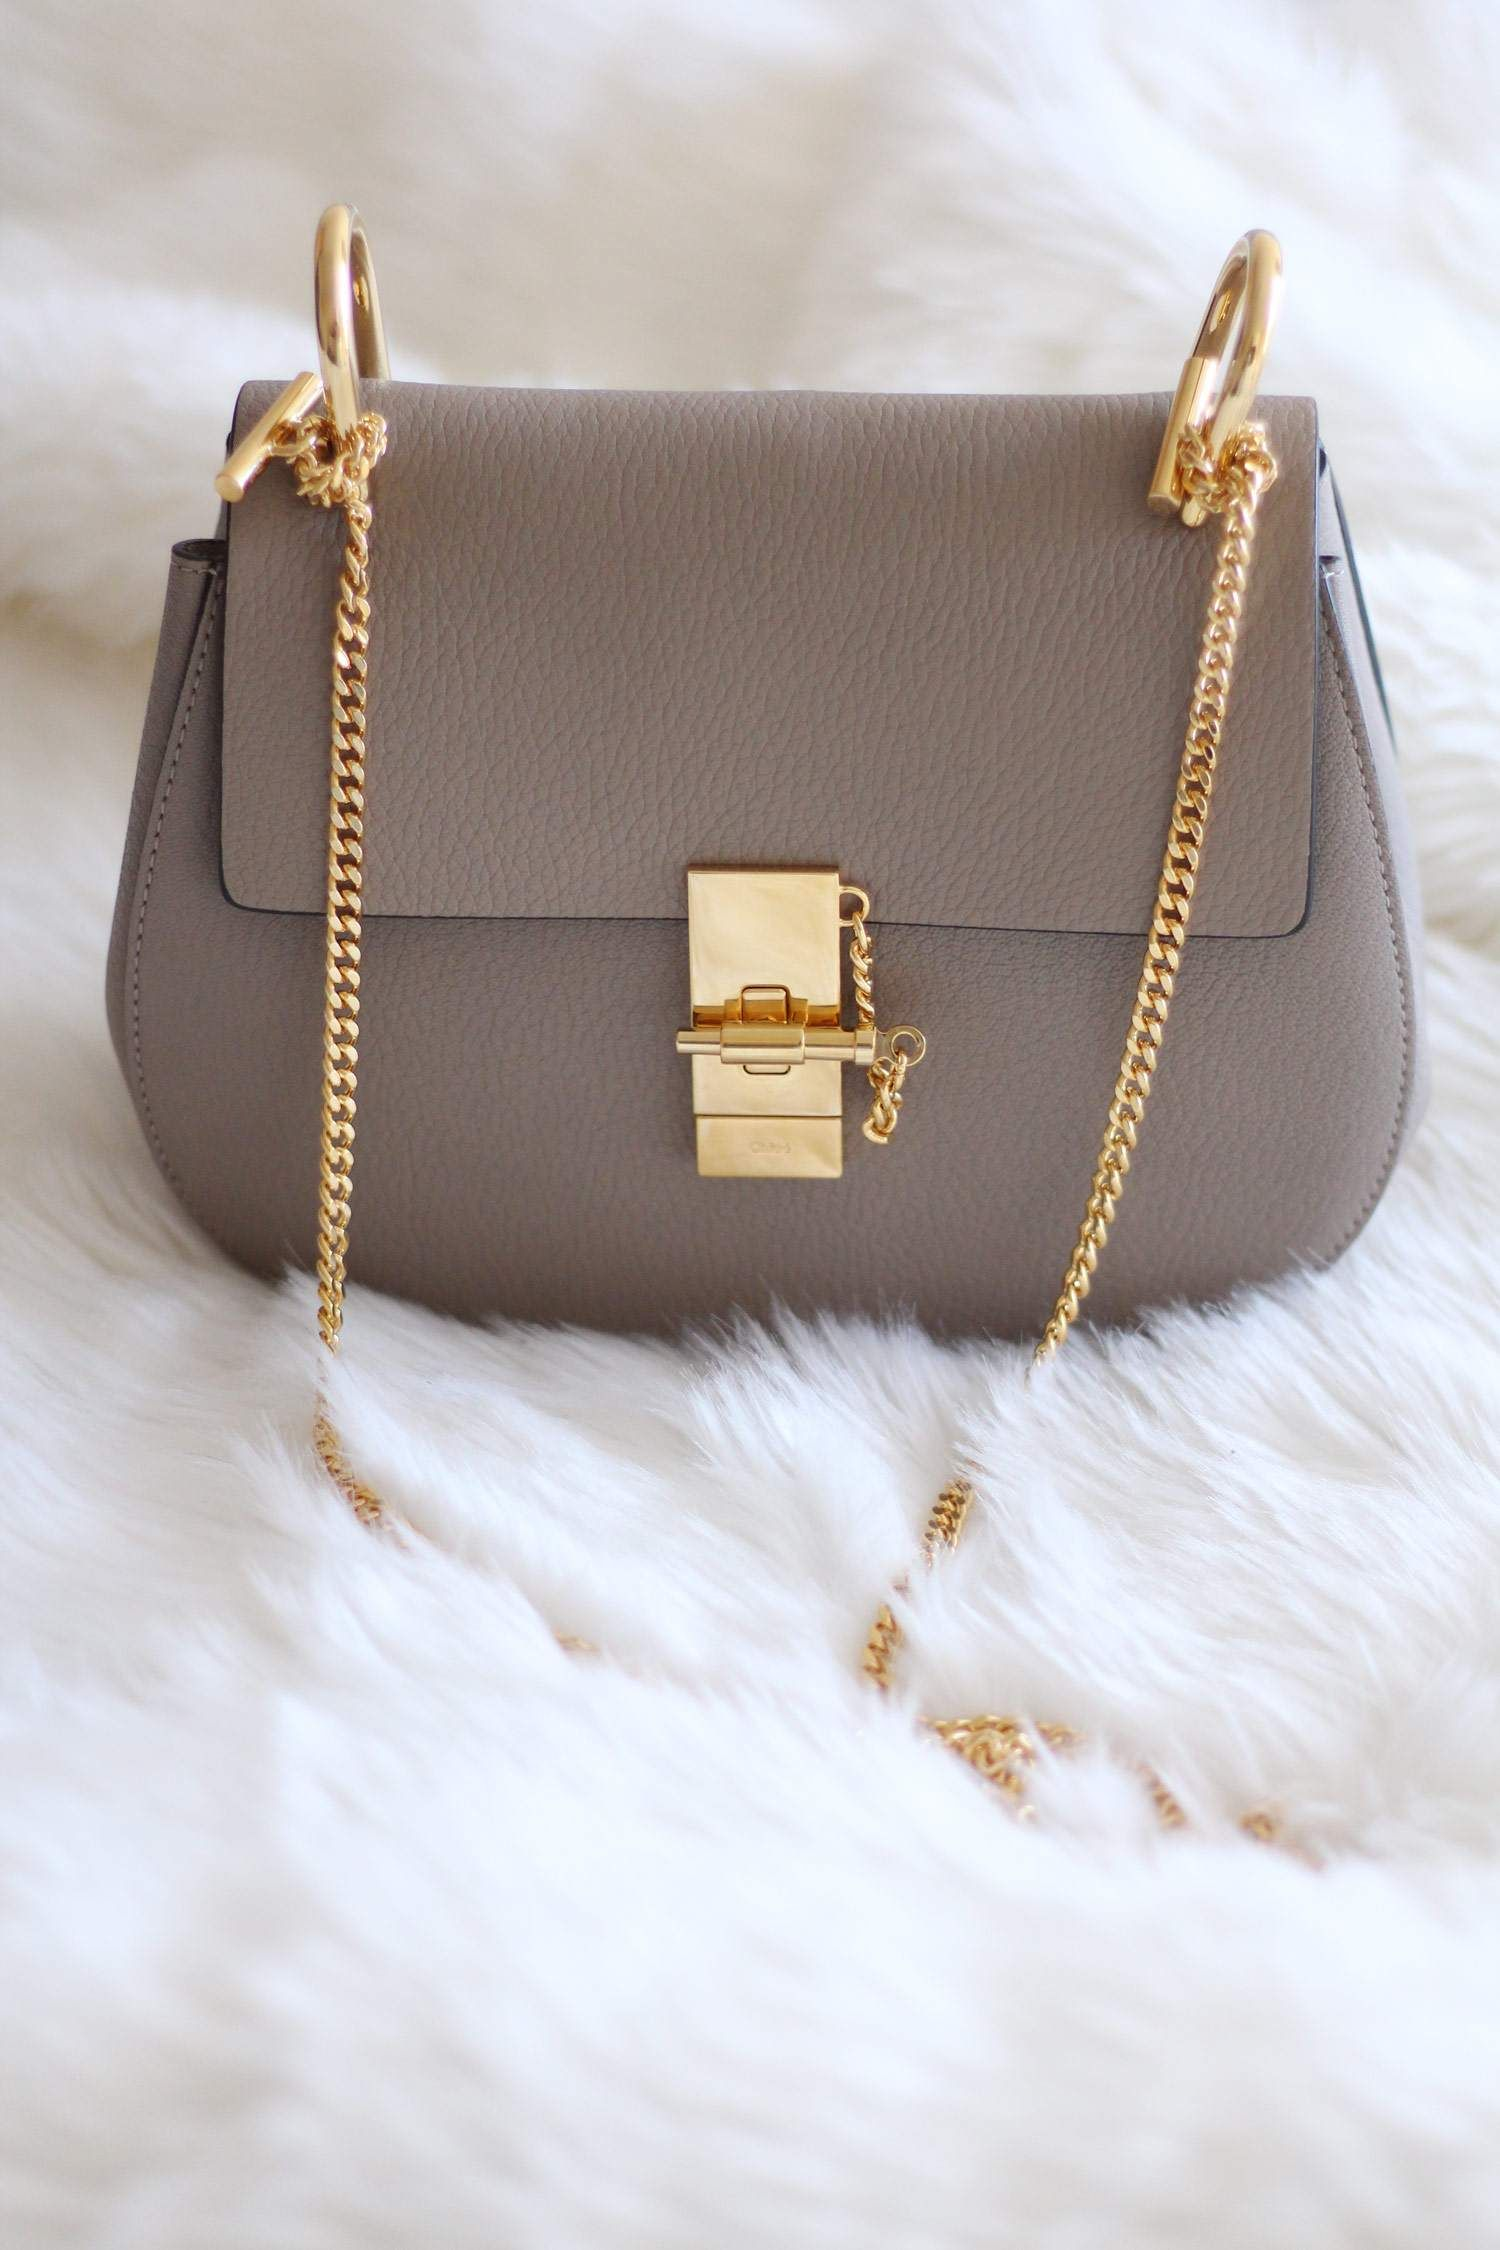 New In  Chloe Drew Bag in Grey - Small b5cb8cbf43